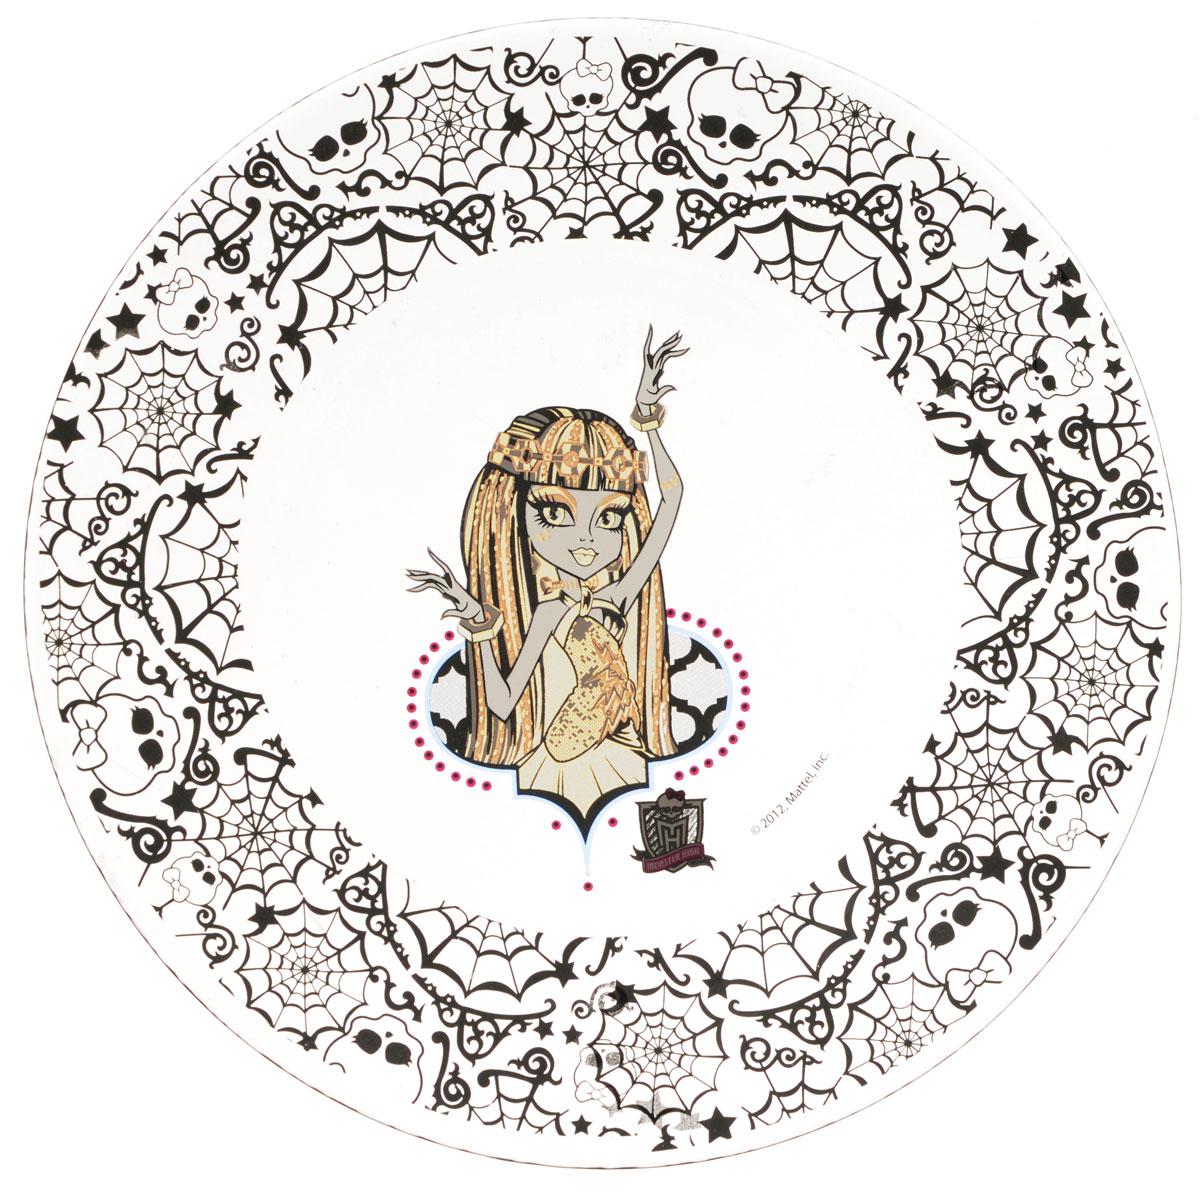 Monster High Тарелка детская диаметр 19,5 см543977Яркая тарелка Monster High идеально подойдет для кормления малыша и самостоятельного приема им пищи. Тарелка выполнена из стекла и оформлена высококачественным изображением героини мультфильма Monster High. Такой подарок станет не только приятным, но и практичным сувениром, добавит ярких эмоций вашему ребенку! Не подходит для использования в посудомоечной машине.